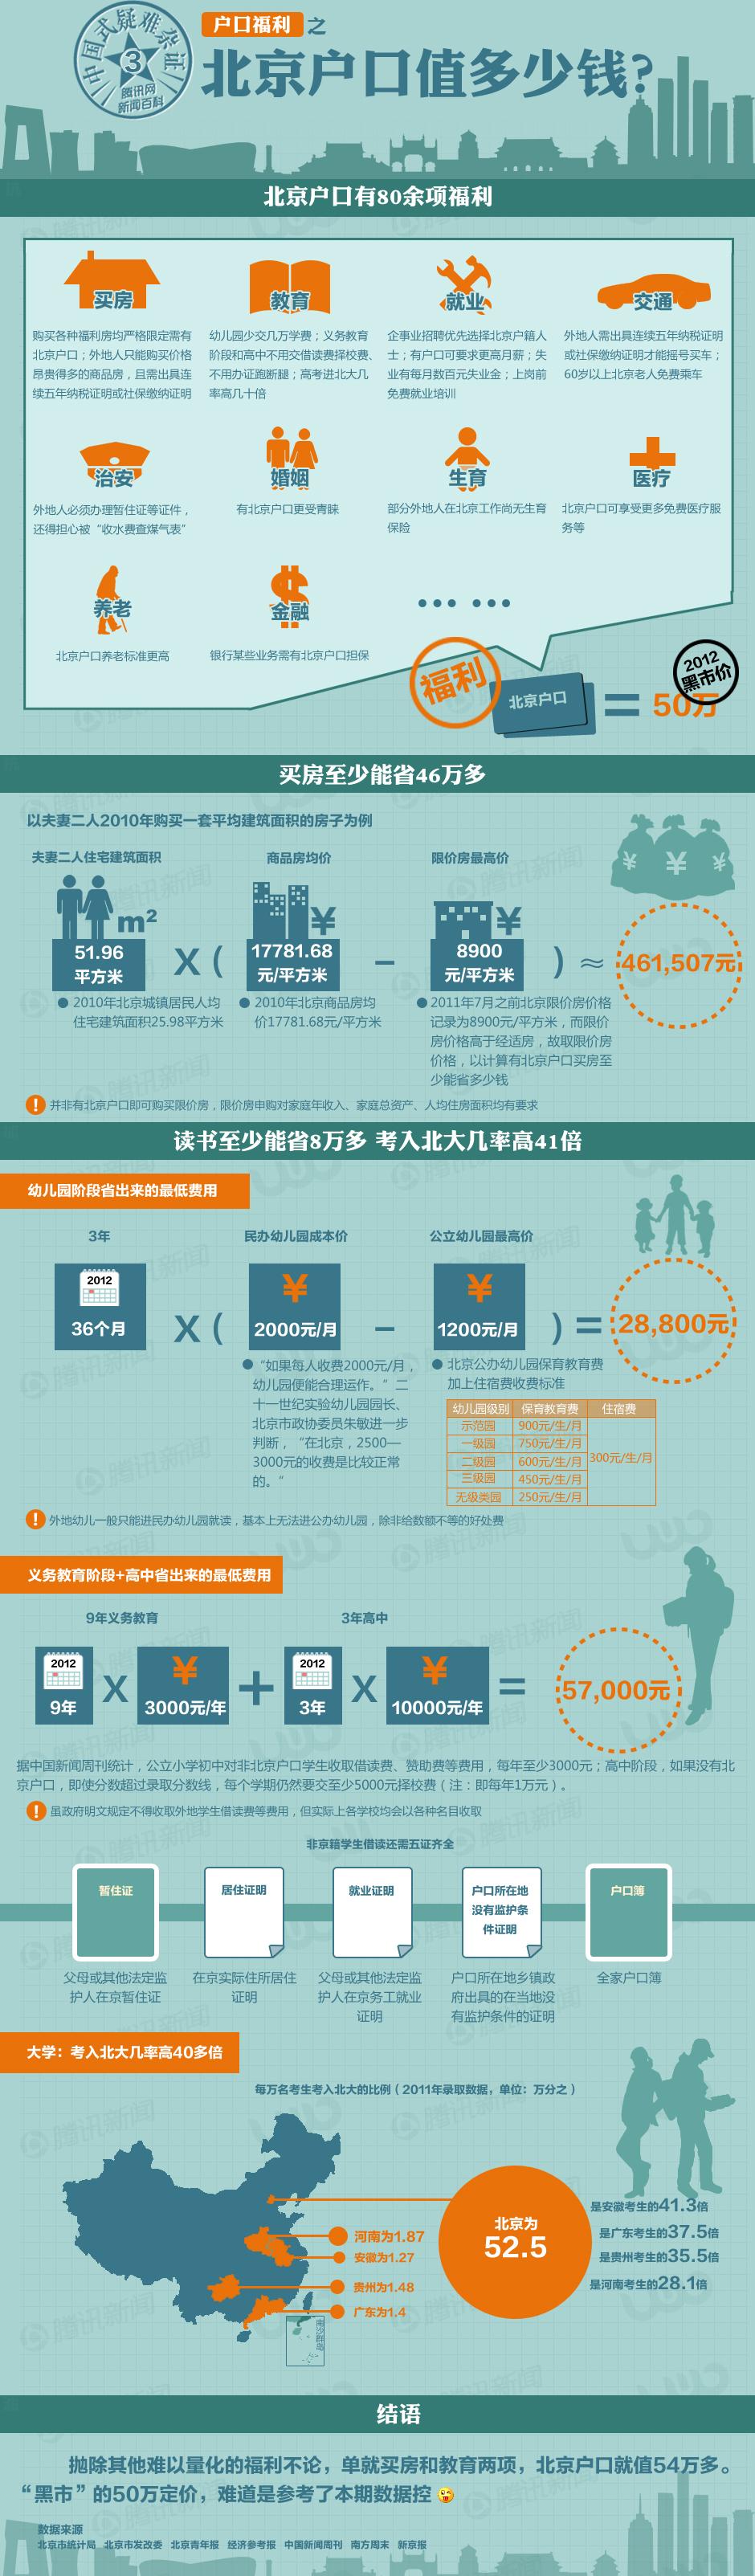 北京户口值多少钱